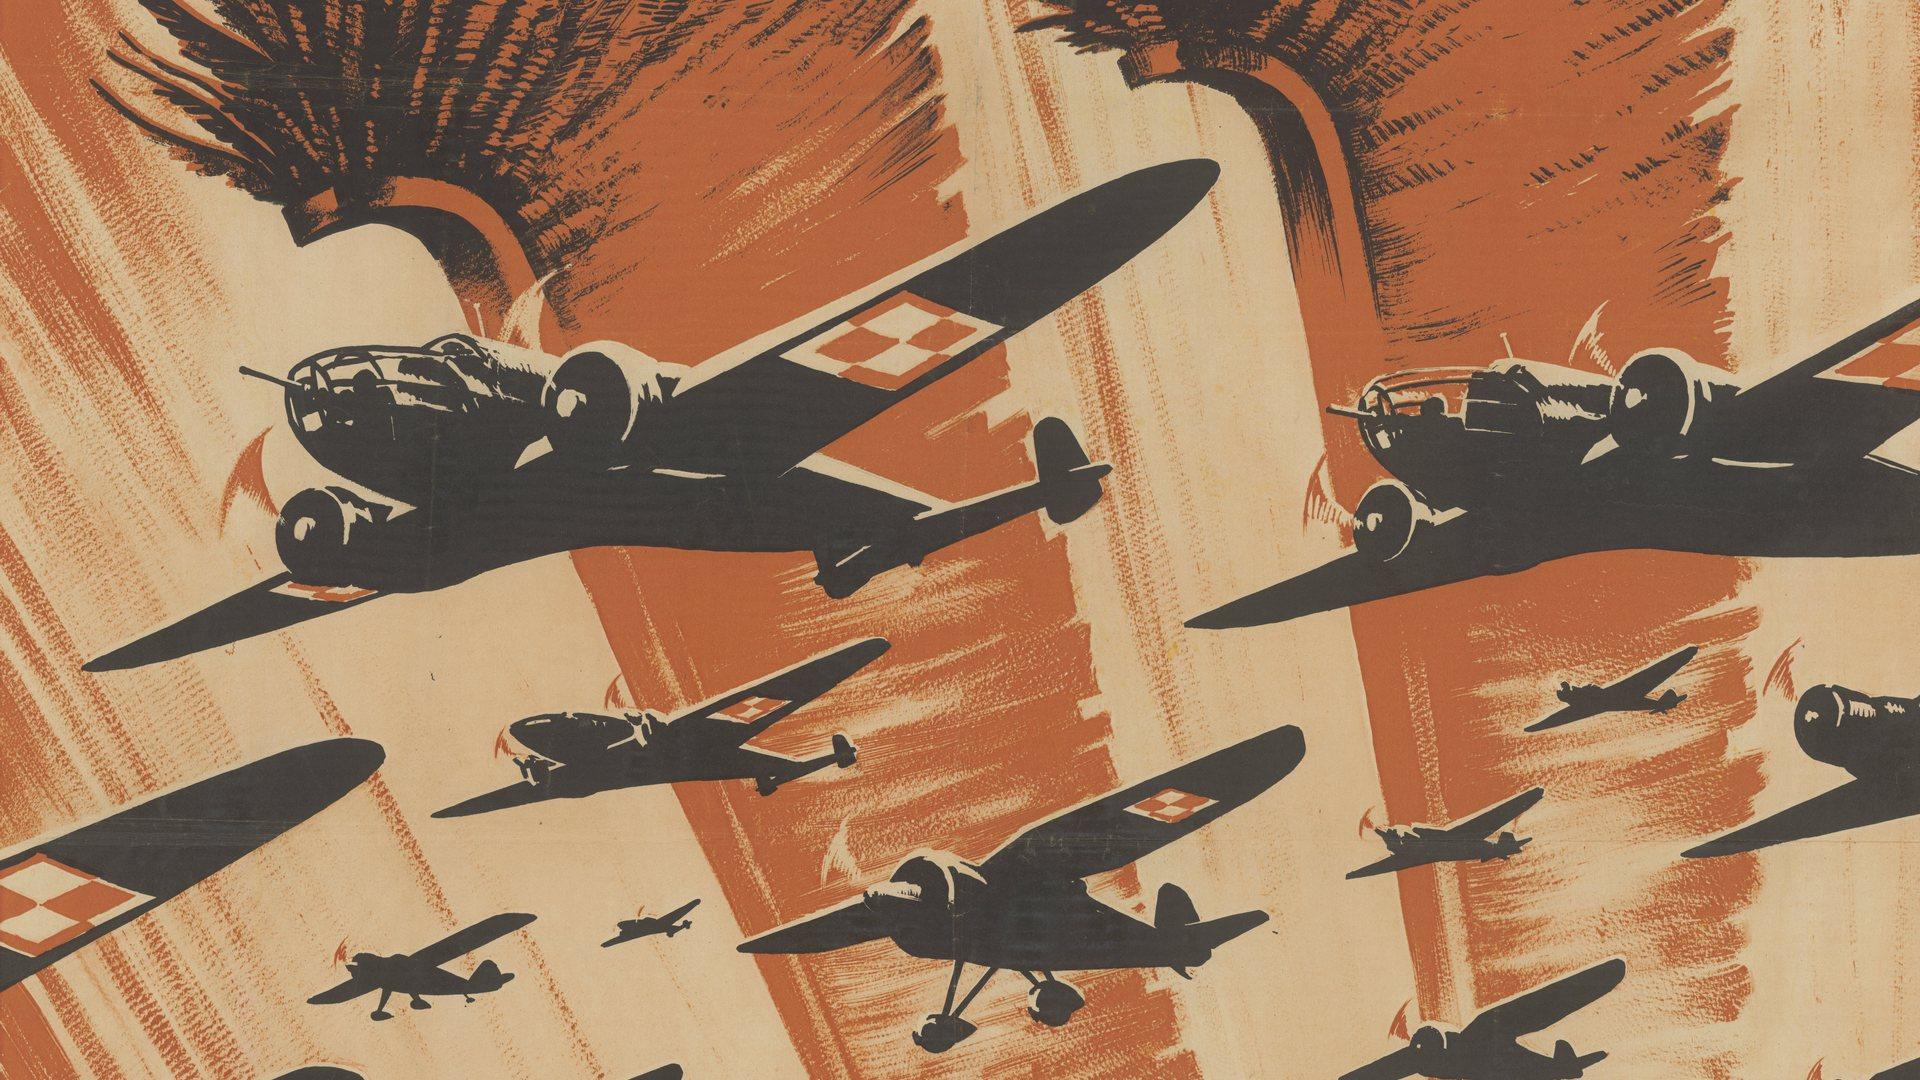 Polskie Plakaty Propagandowe Z 1939 Roku Wielkahistoria